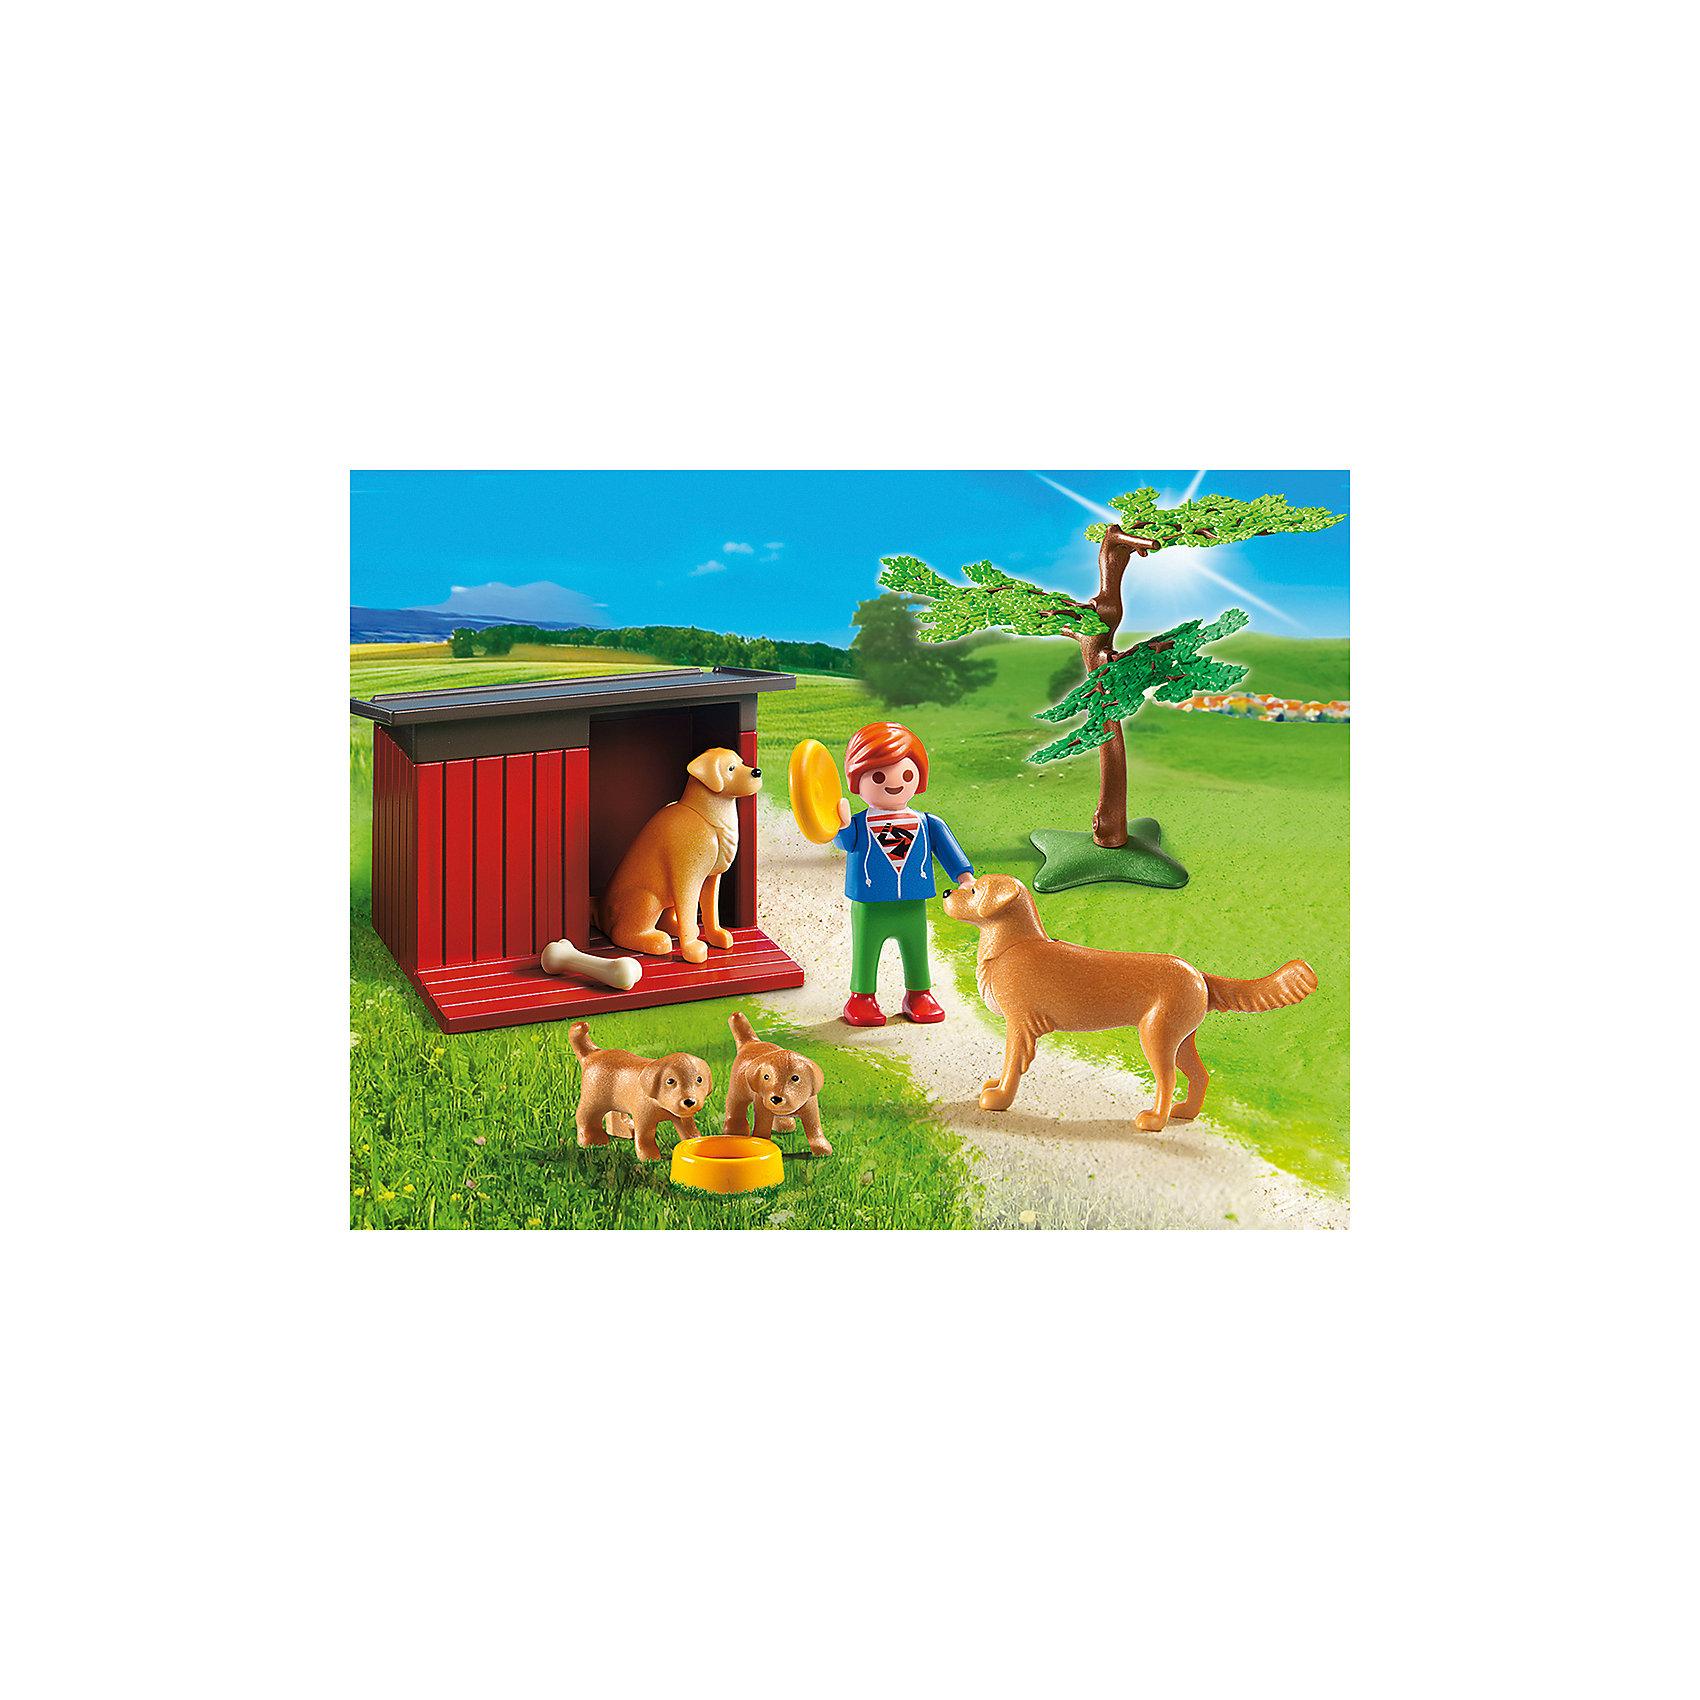 PLAYMOBIL® Ферма: Золотые ретриверы с щенками, PLAYMOBIL playmobil мальчики с гоночным мотоциклом